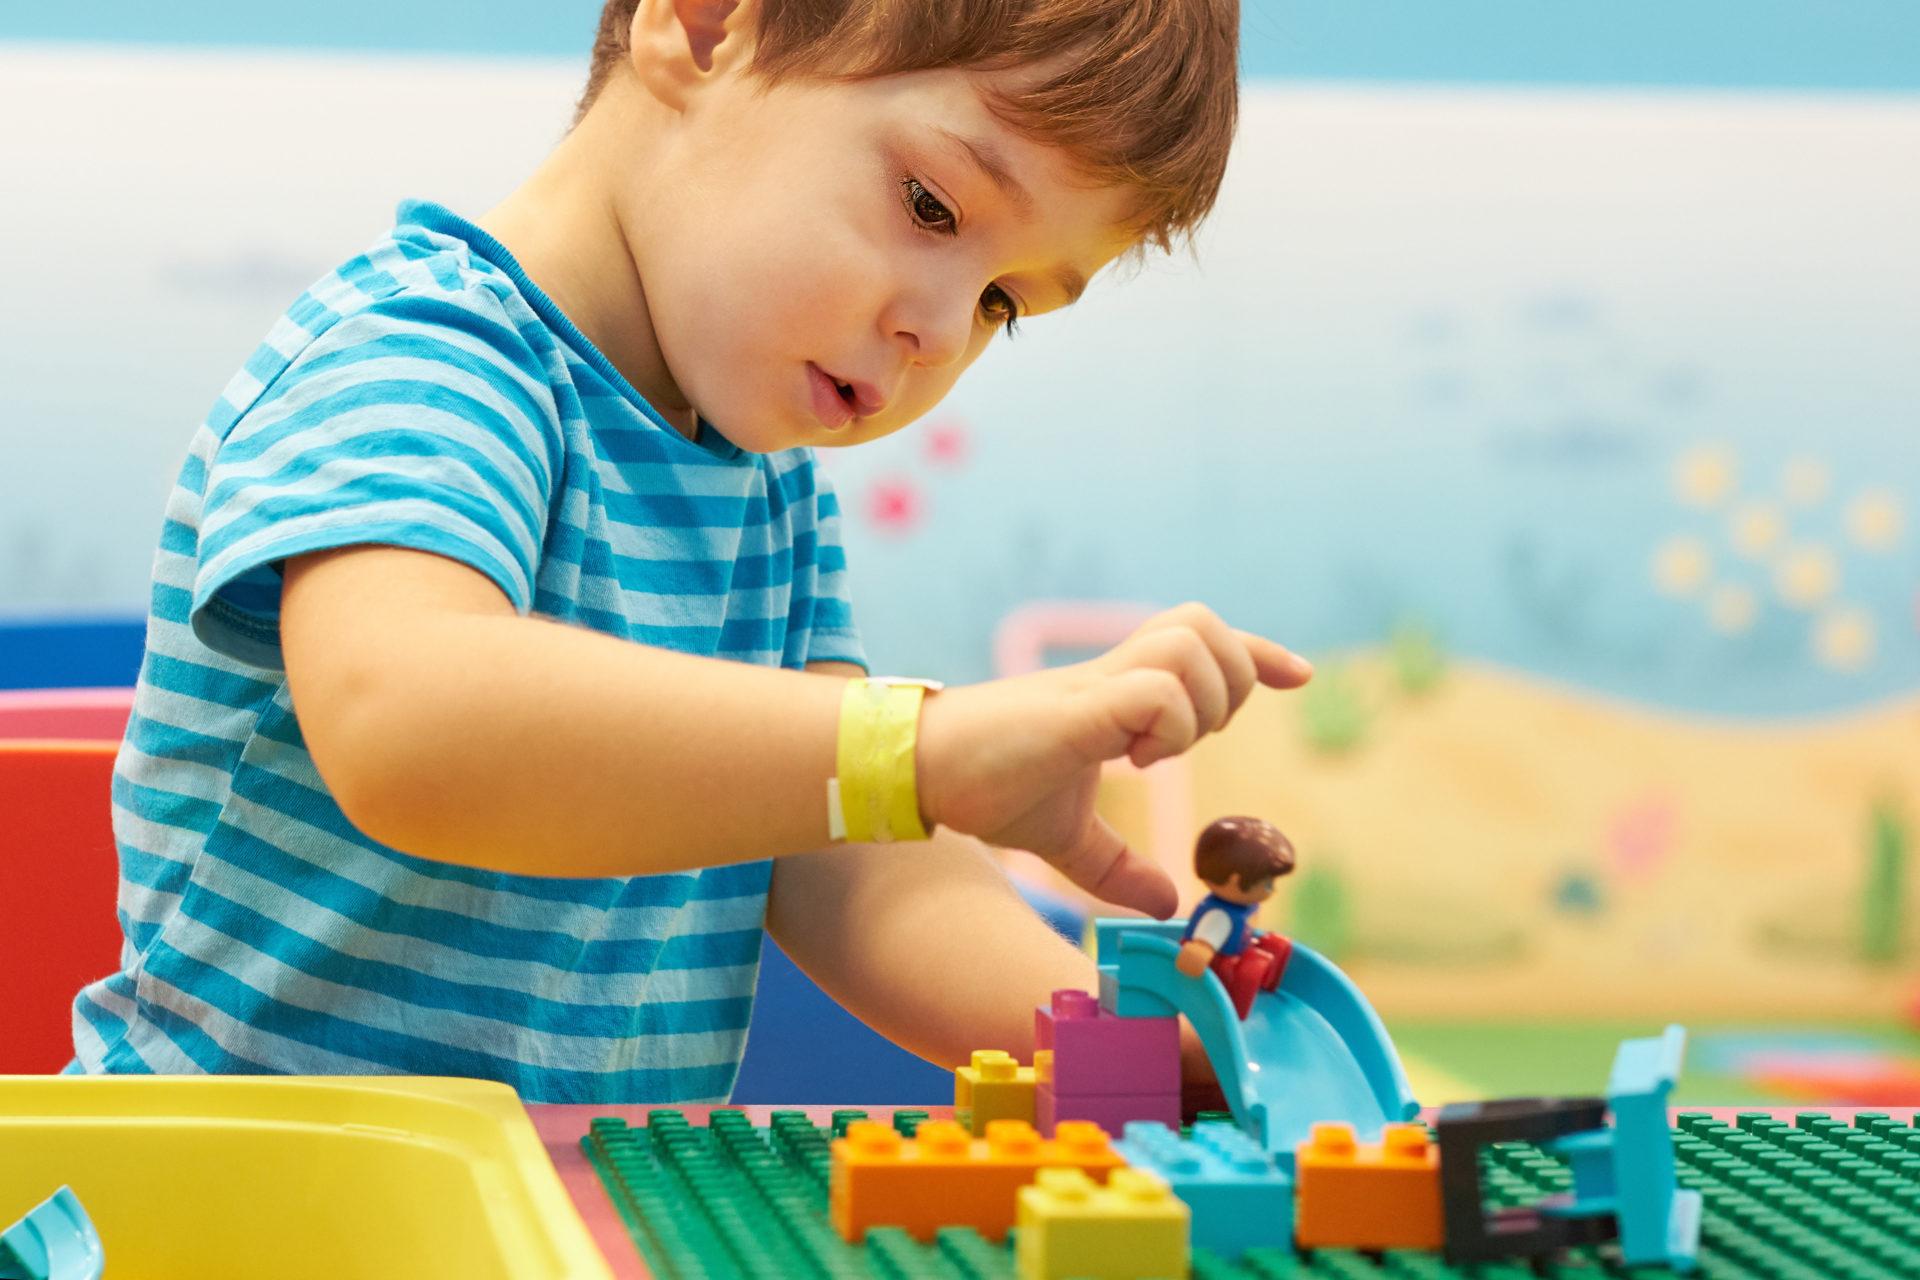 Jeu, Jouet Enfant - Jeu Enfant 2 Ans, 3 Ans, 4 Ans Et 5 Ans avec Jeux Gratuit Pour Garcon De 4 Ans